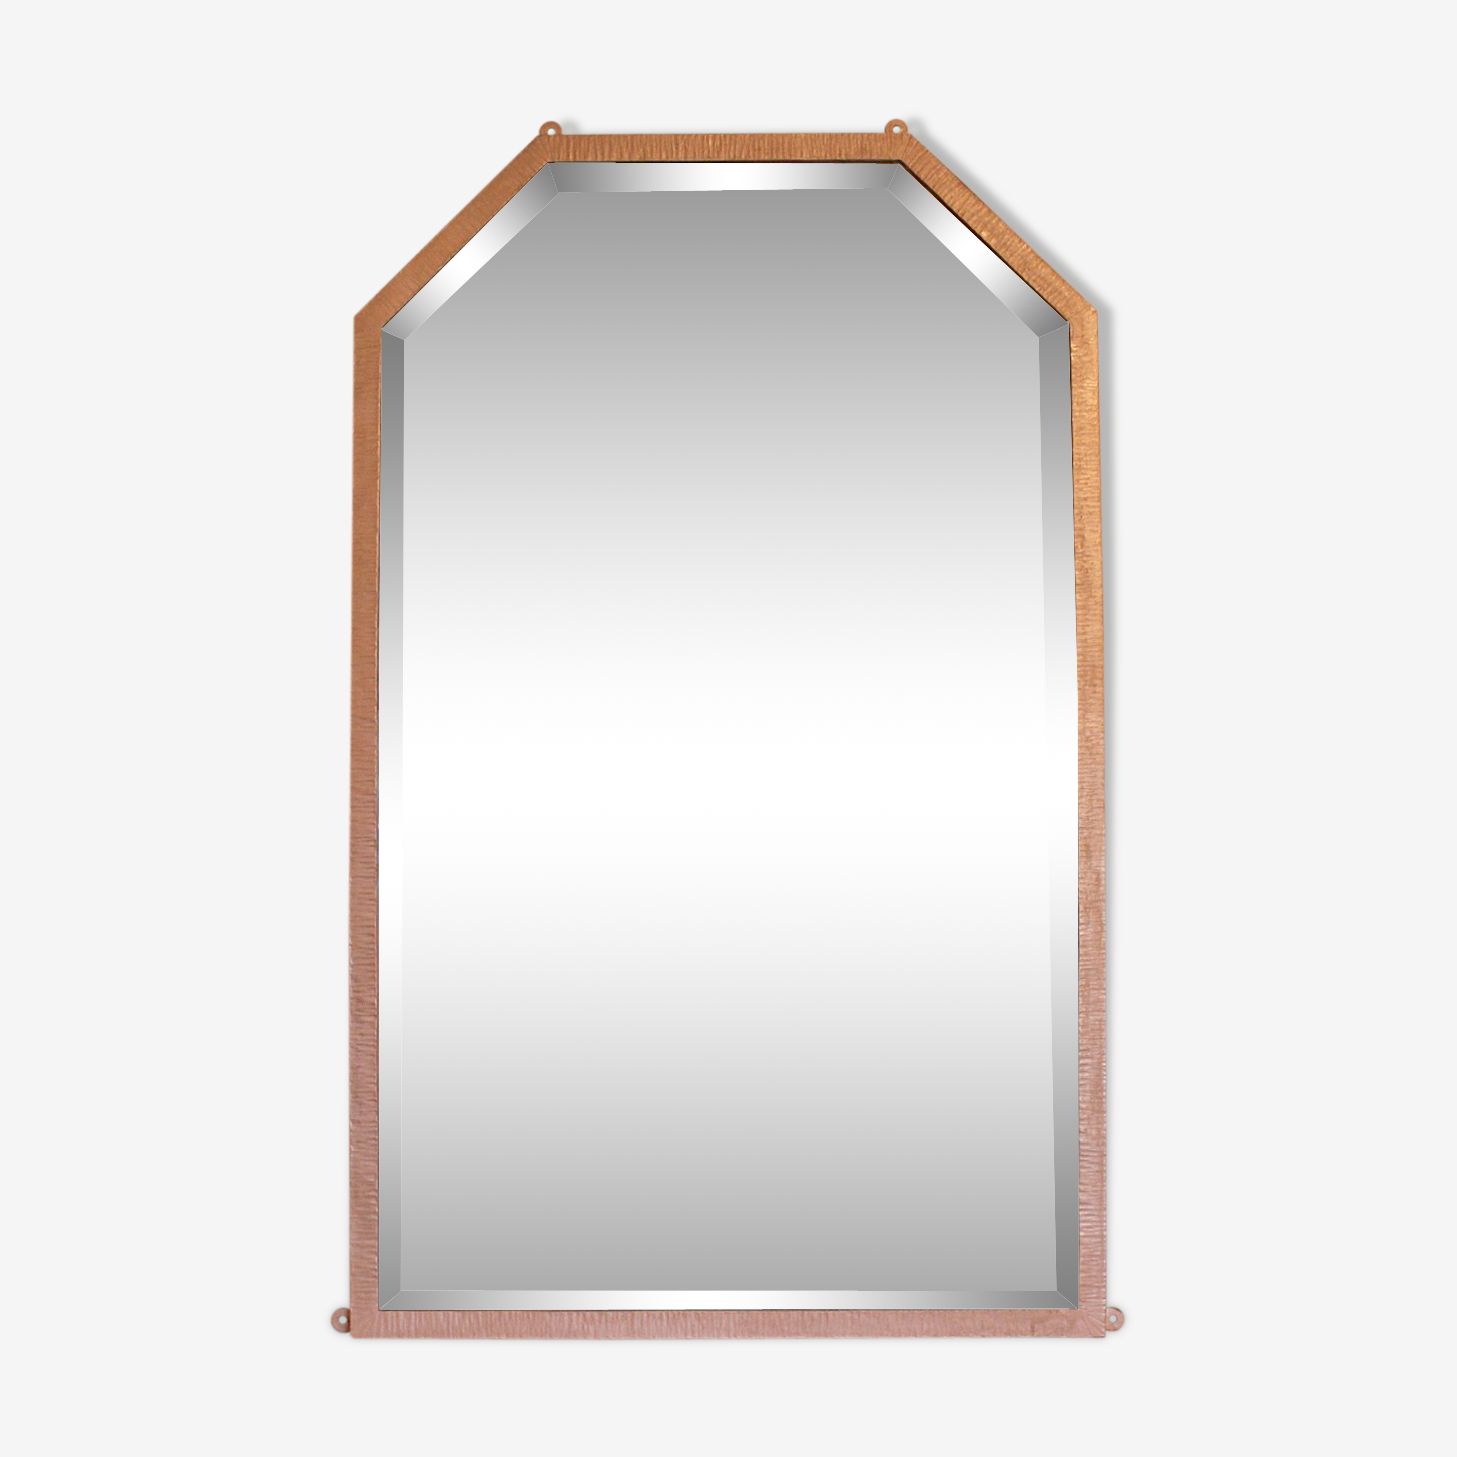 Miroir art-déco en métal patiné or rose 65x105cm